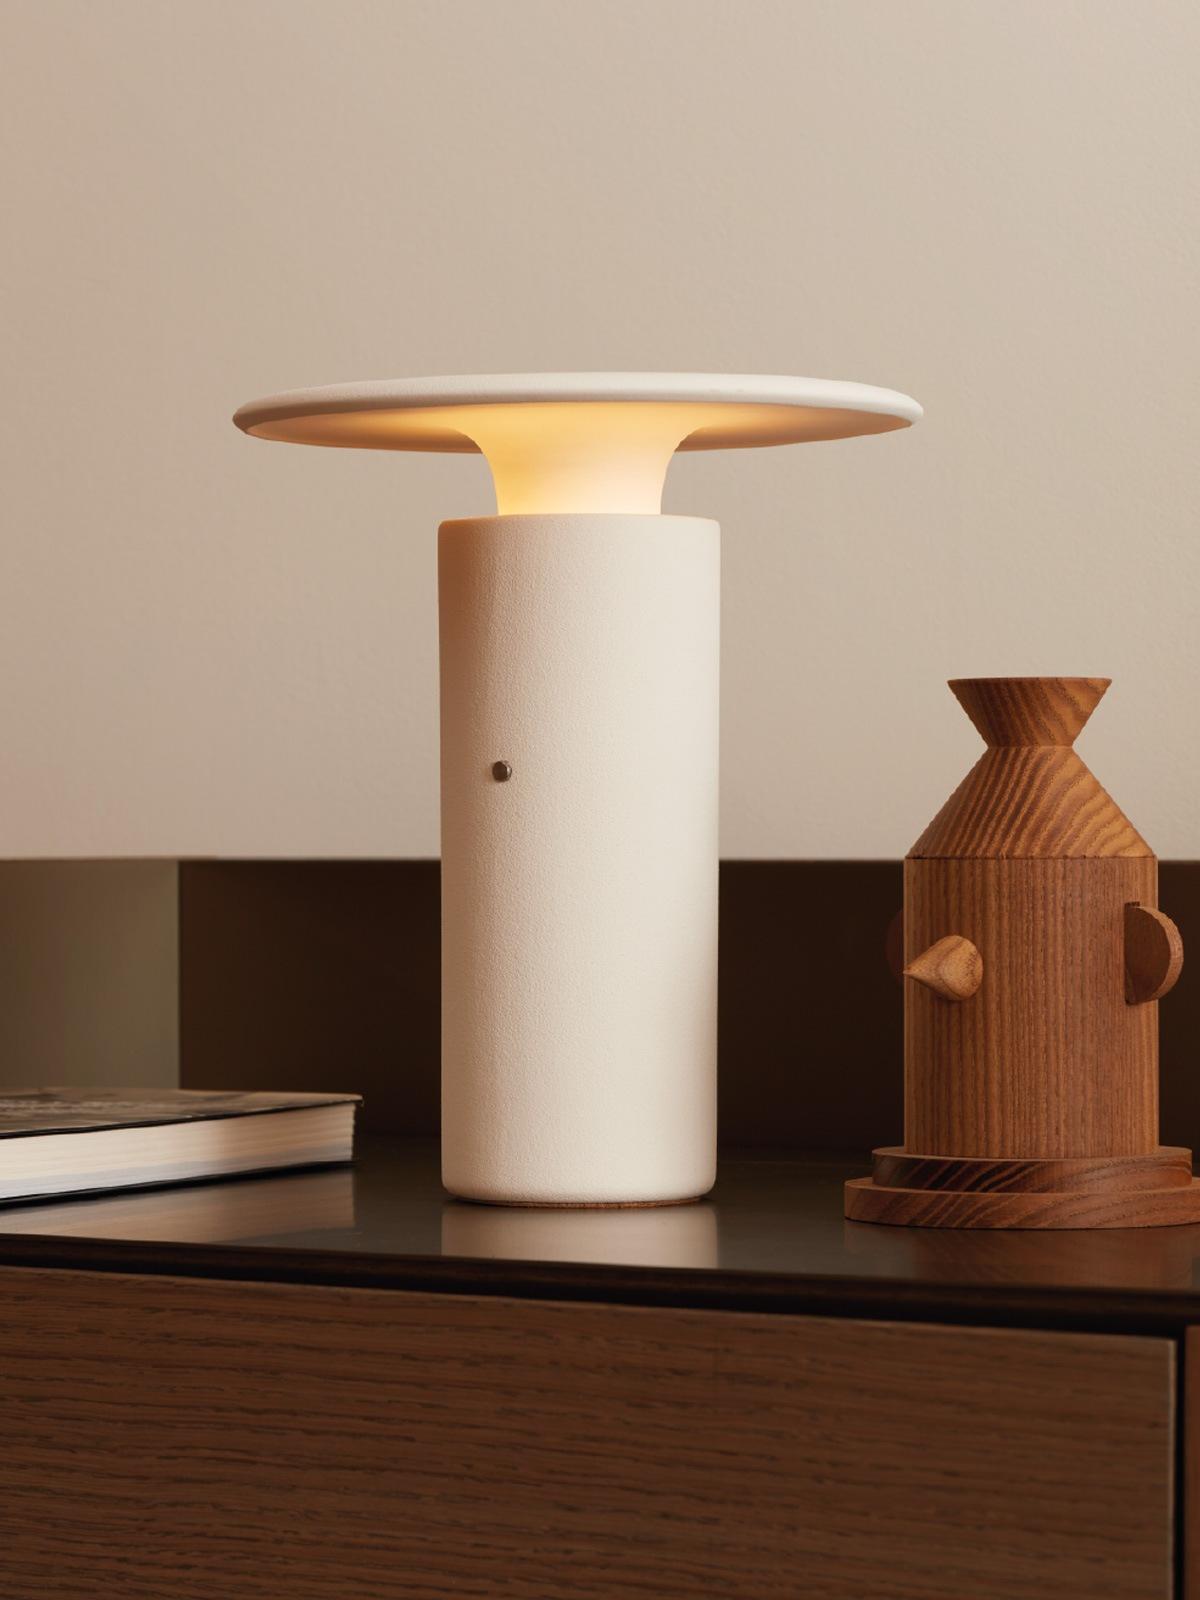 Pott Nais Tischlampe Keramik Designort Berlin Lampen Onlineshop